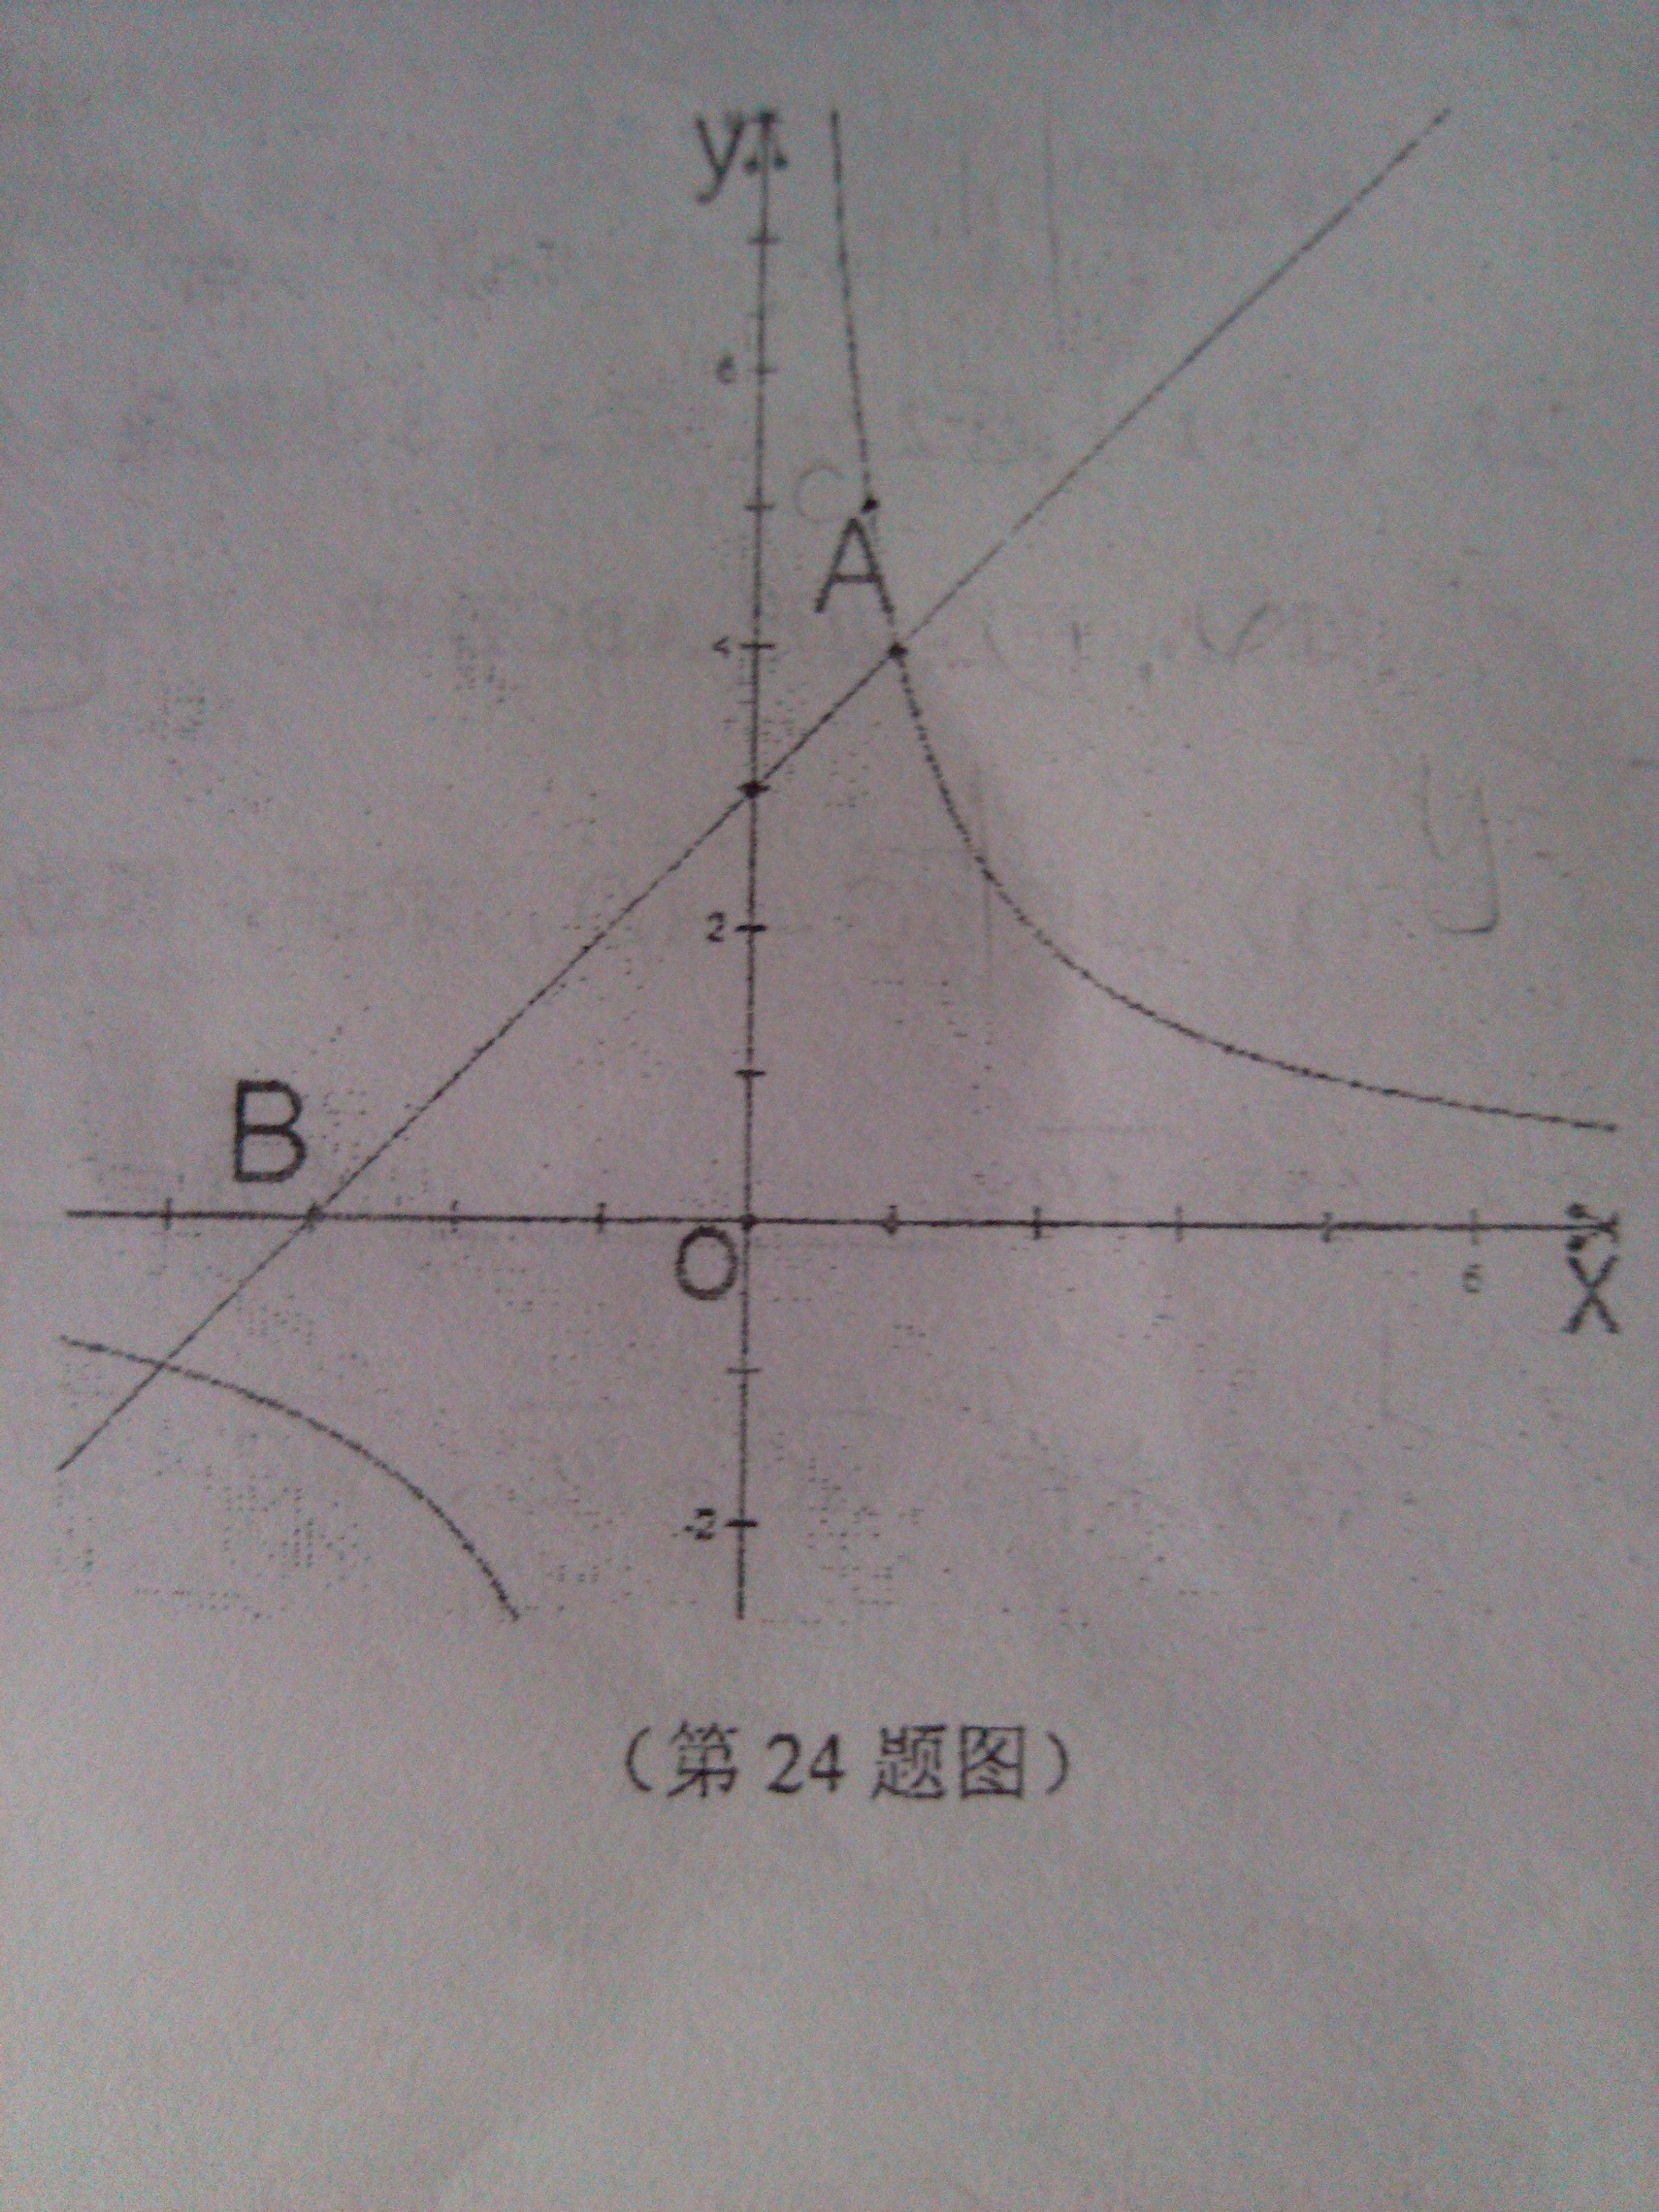 北京��b>��nK��x��kXz�_如图,一次函数y=x 3的图像与反比例函数y=k/x的图像交